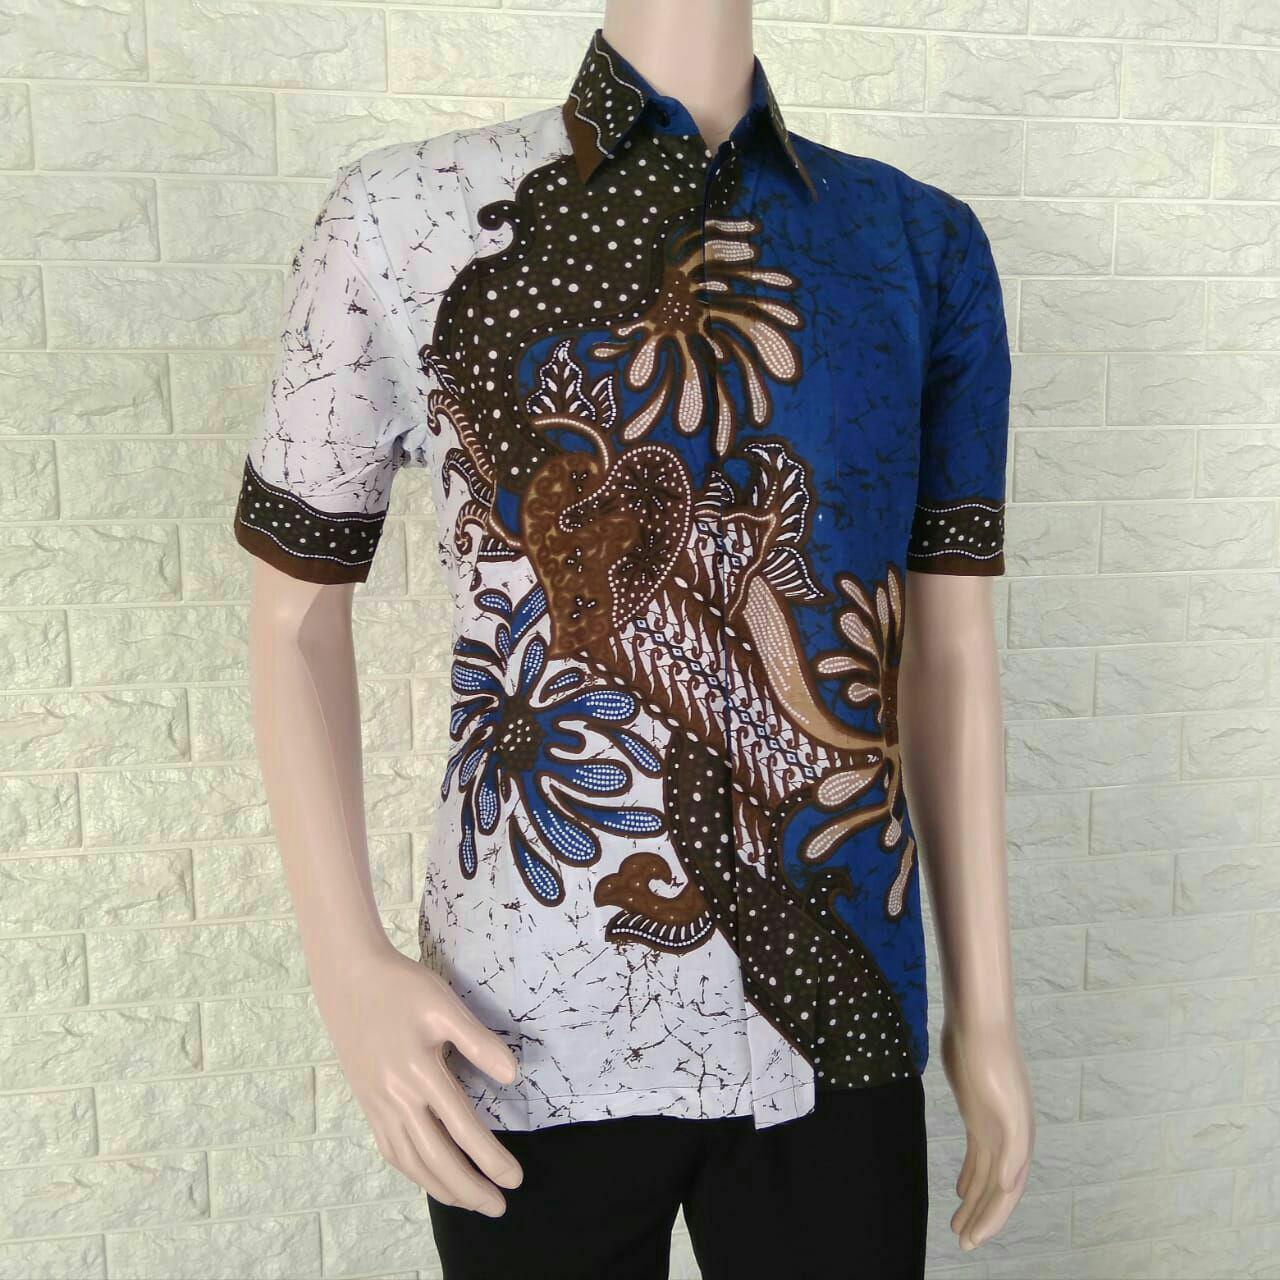 Baju Batik Pria Modern Terbaru Baju Batik kantor Batik Atasan Kerja Kemeja Batik Pria Pekalongan Kemeja Batik Kombinasi Kemeja Batik Pria Elegan Terbaru Keren Kemeja Batik Hem Batik  Hem Batik Pekalongan Hem Batik Kombinasi Hem Batik Cowok  Azka Batik